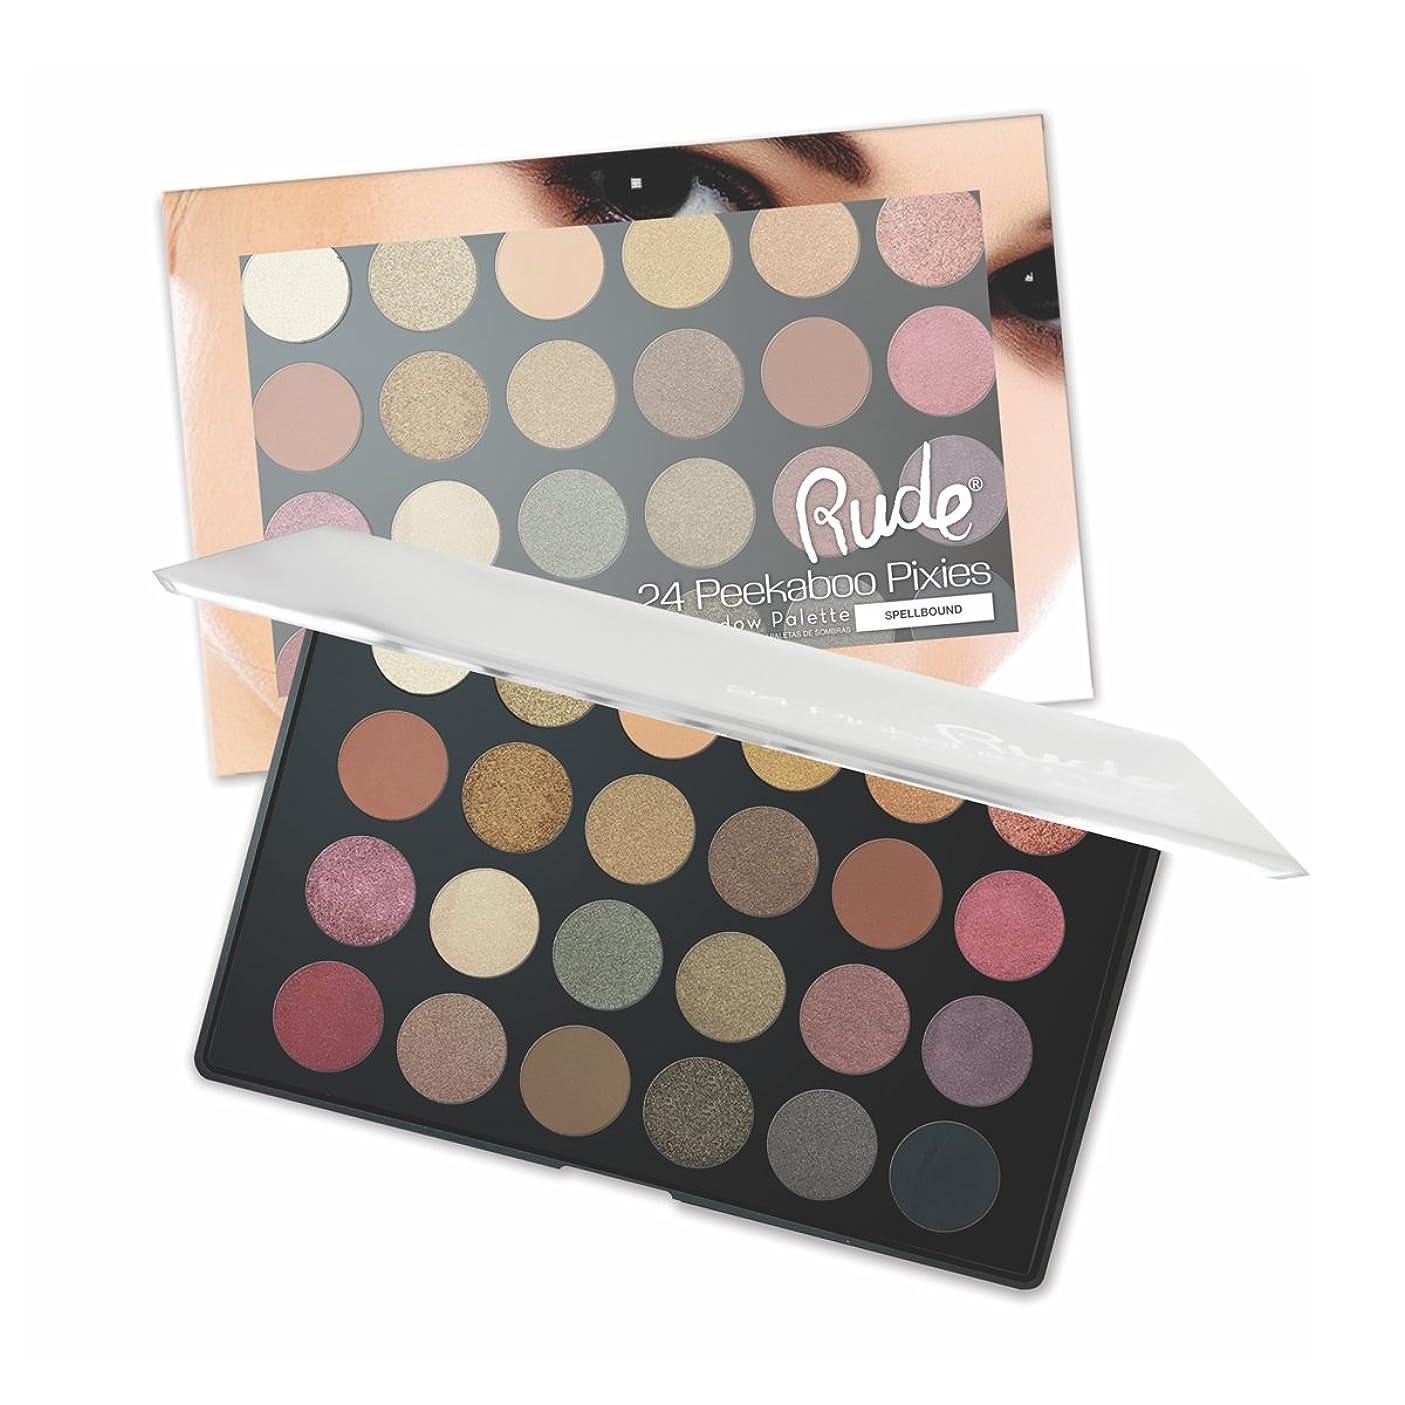 ジョットディボンドン直立小さな(3 Pack) RUDE Peekaboo Pixies 24 Eyeshadow Palette - Spellbound (並行輸入品)